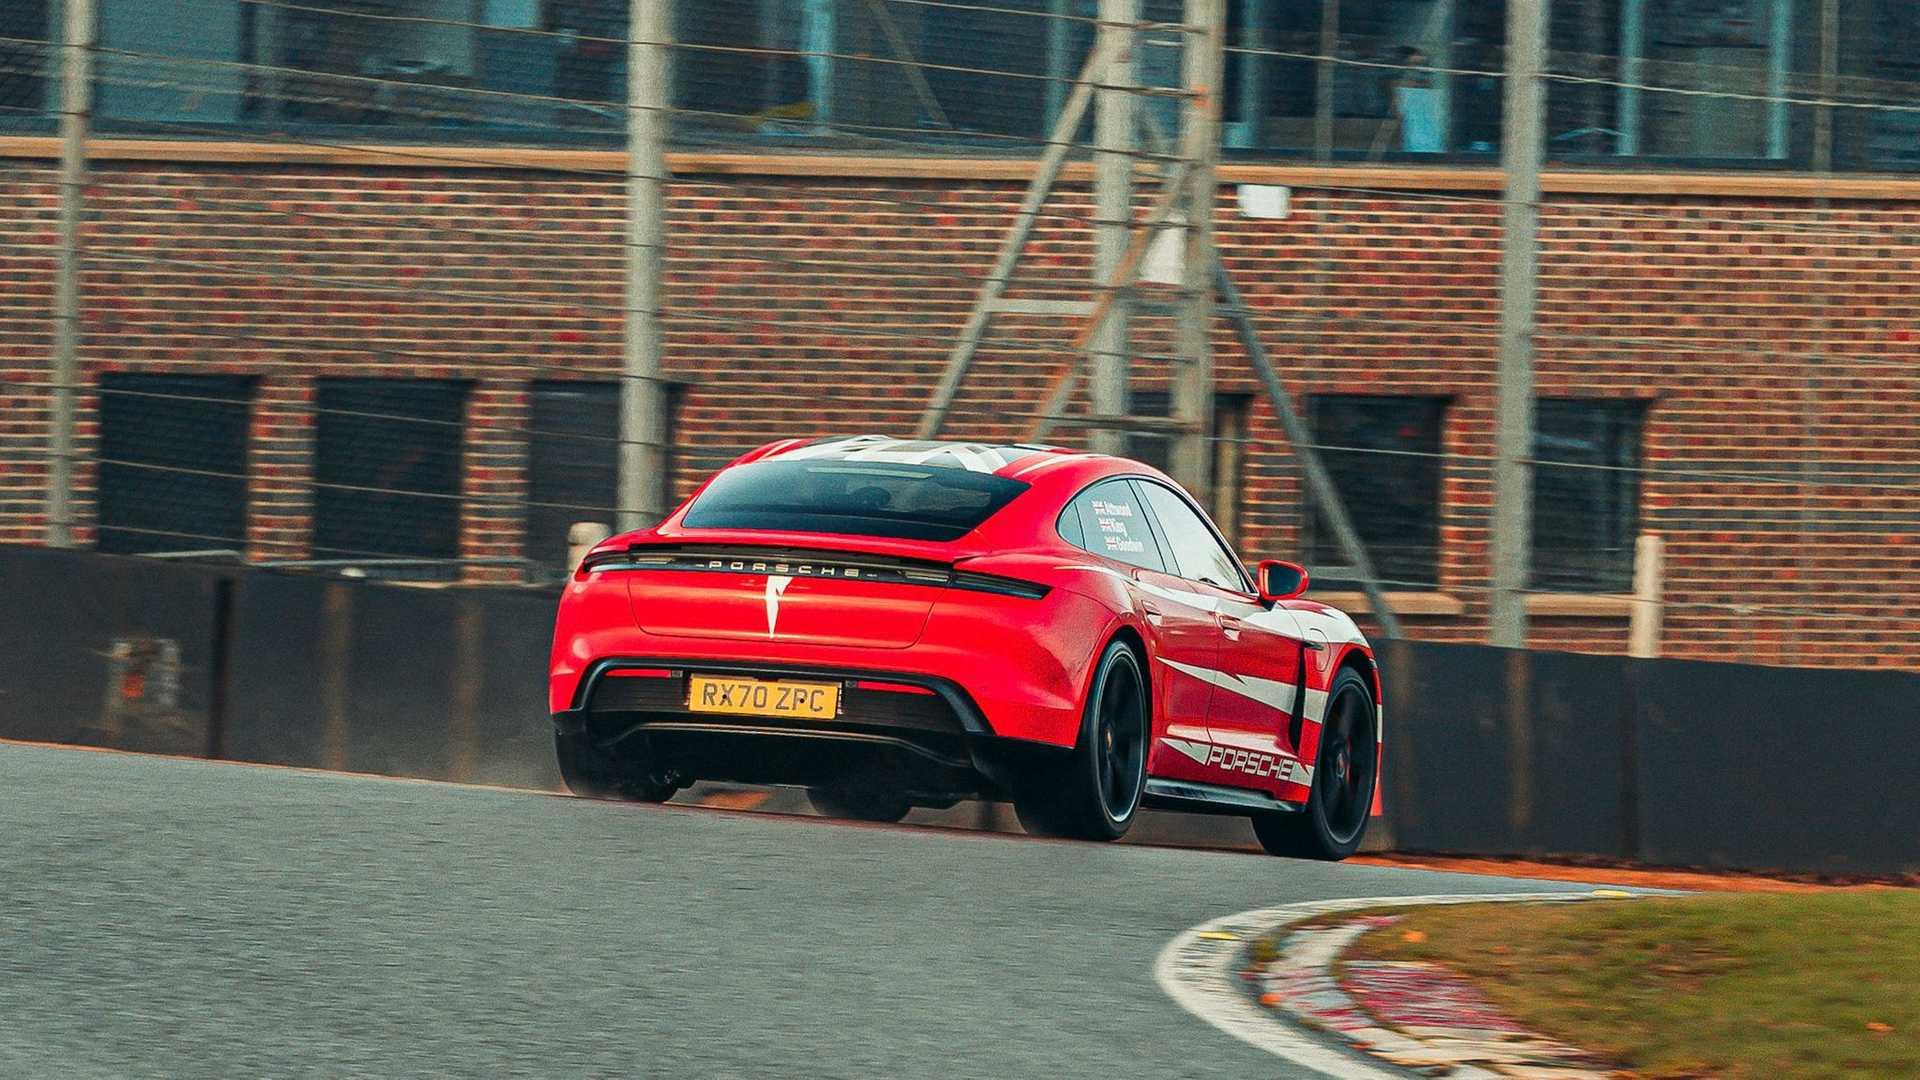 Porsche-Taycan-At-Brands-Hatch-Circuit-7